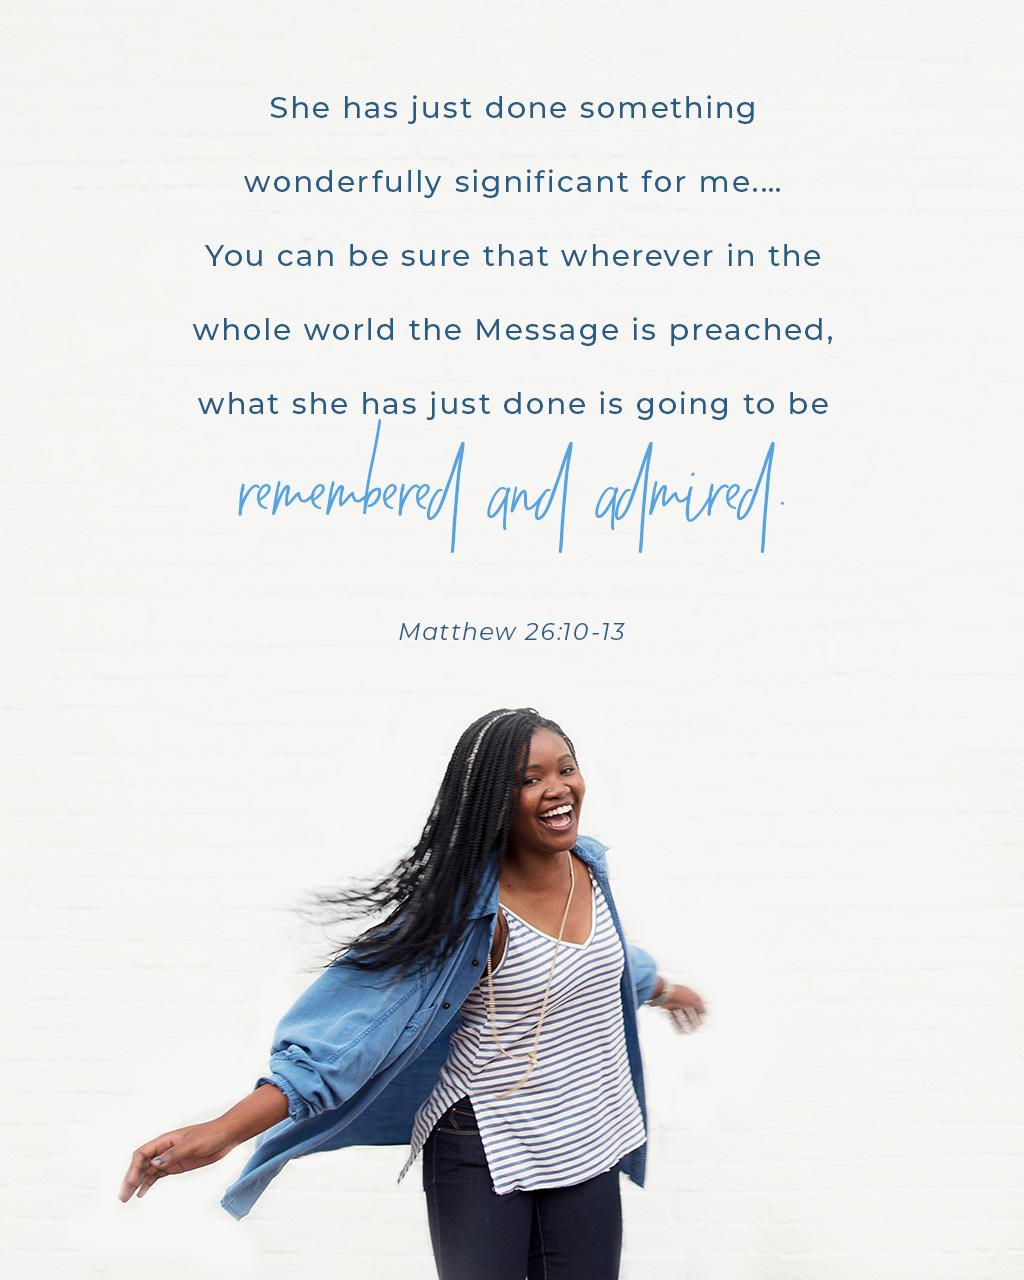 Matthew 26:10-13 Verse Image